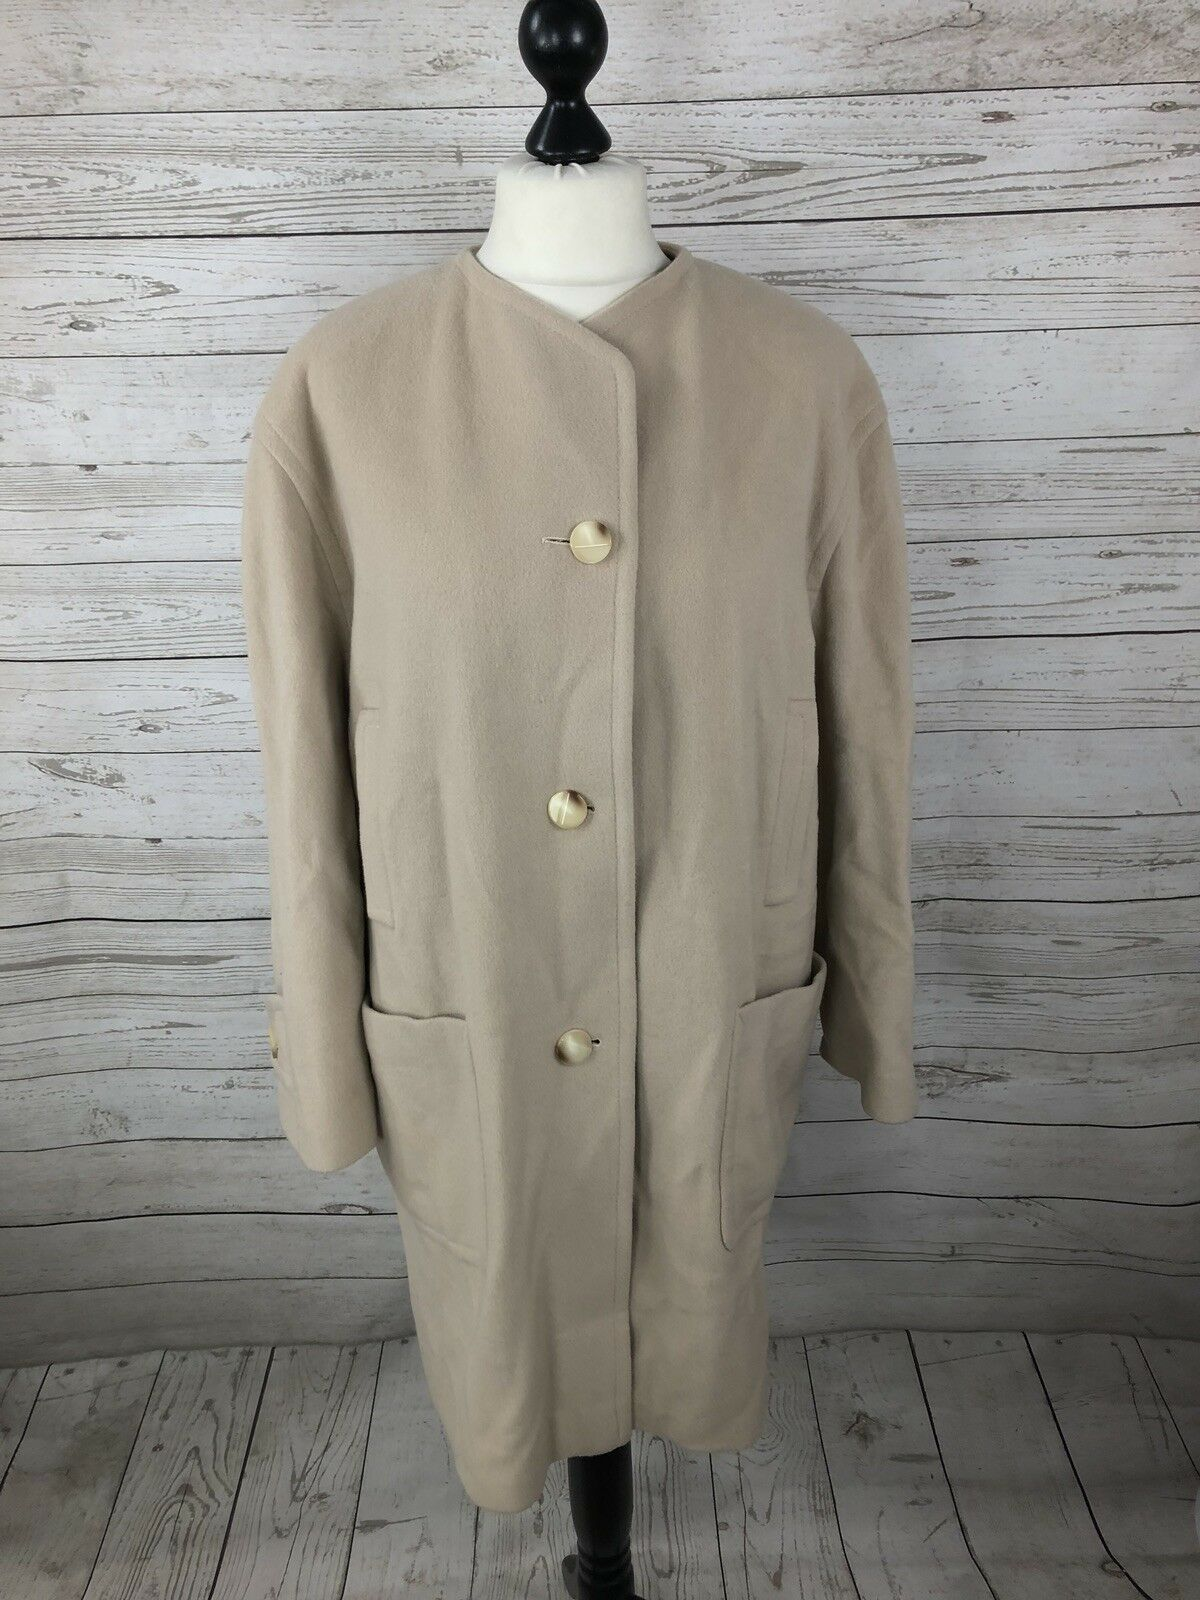 AUSTIN REED Vintage Overcoat Overcoat Overcoat - UK14 - Wool & Cashmere - Great Condition -damen's   Deutschland Berlin    Um Sowohl Die Qualität Der Zähigkeit Und Härte    Jeder beschriebene Artikel ist verfügbar  e33e84